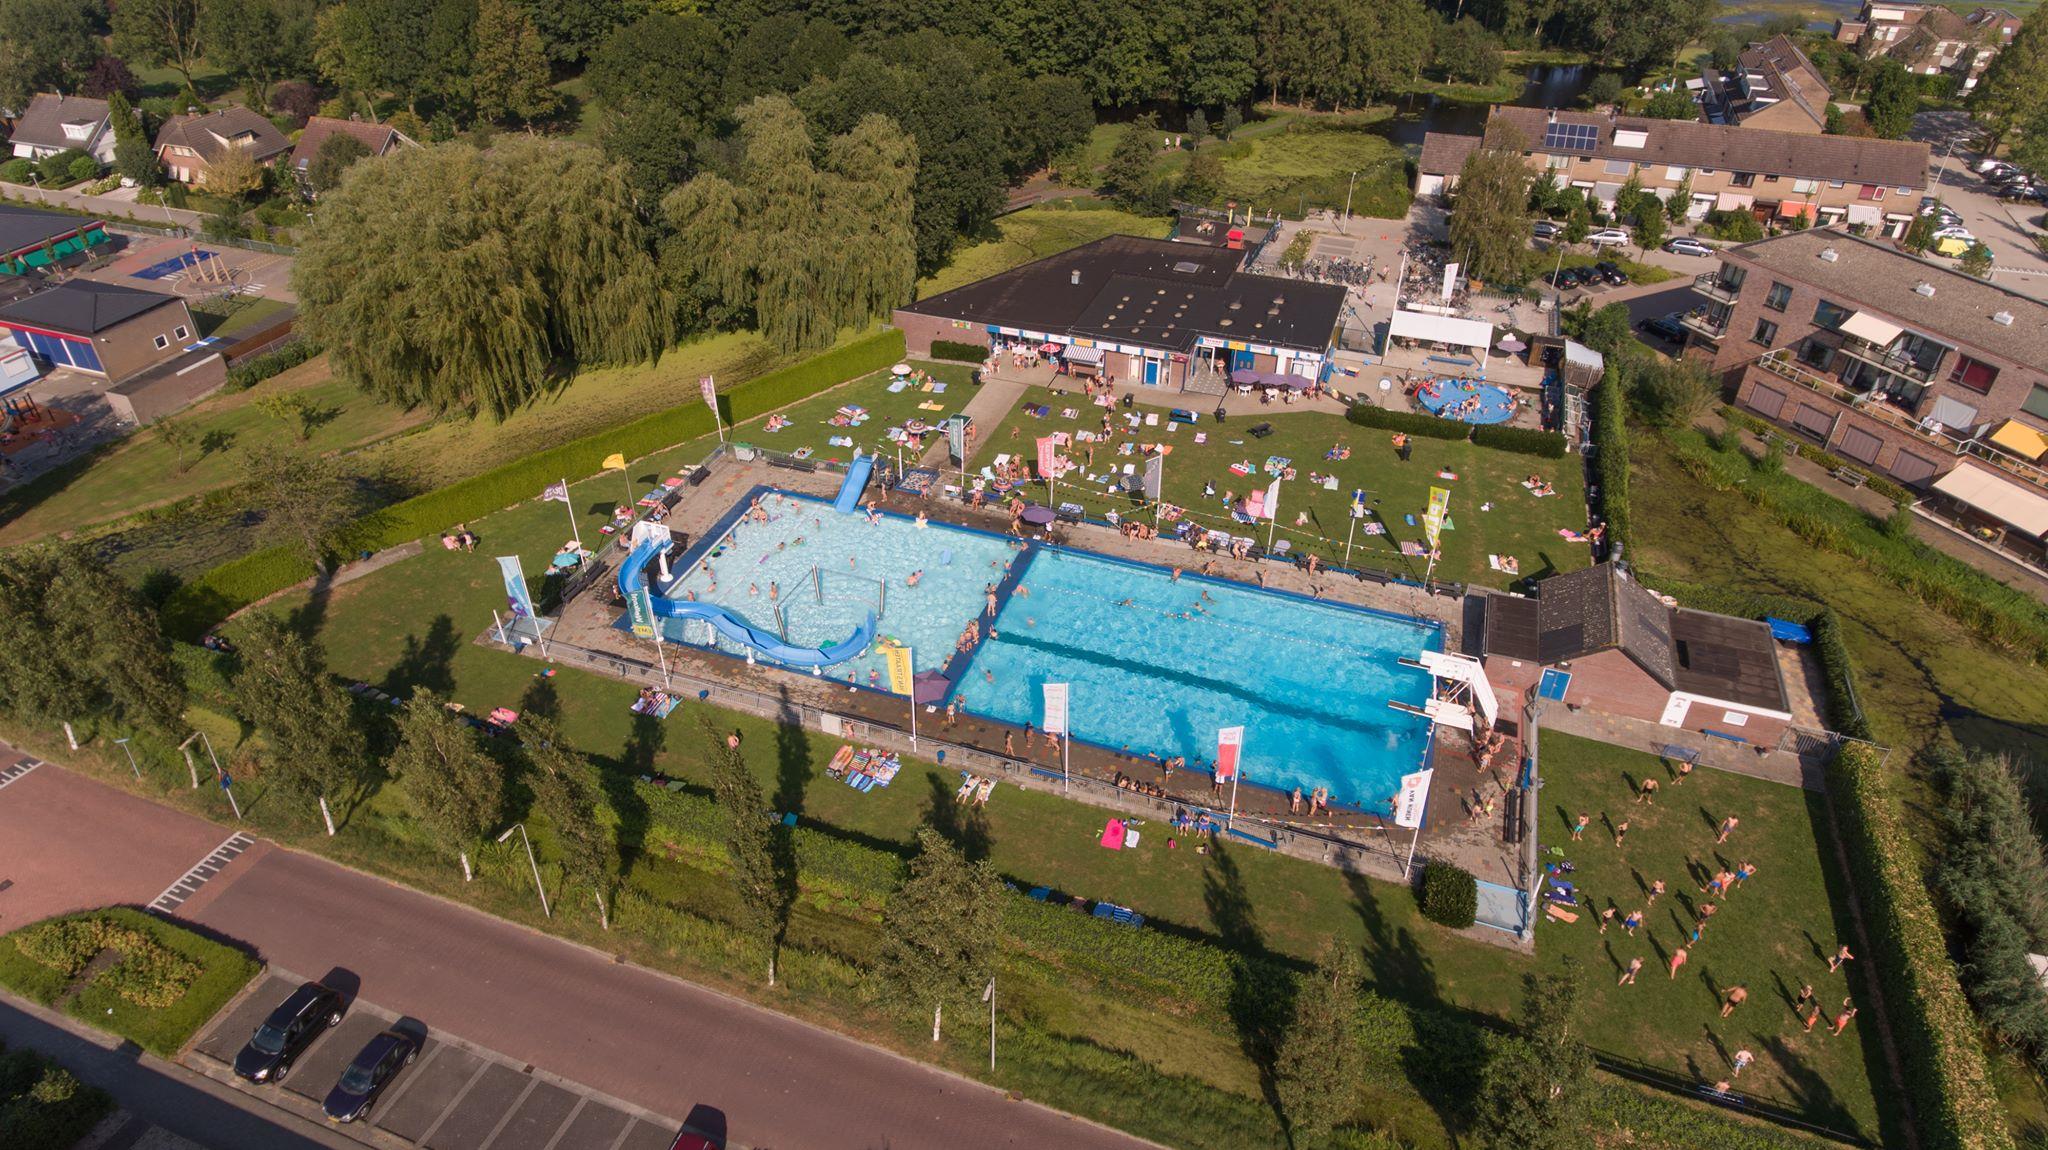 Zwembad Ons Polderbad bestaat zestig jaar